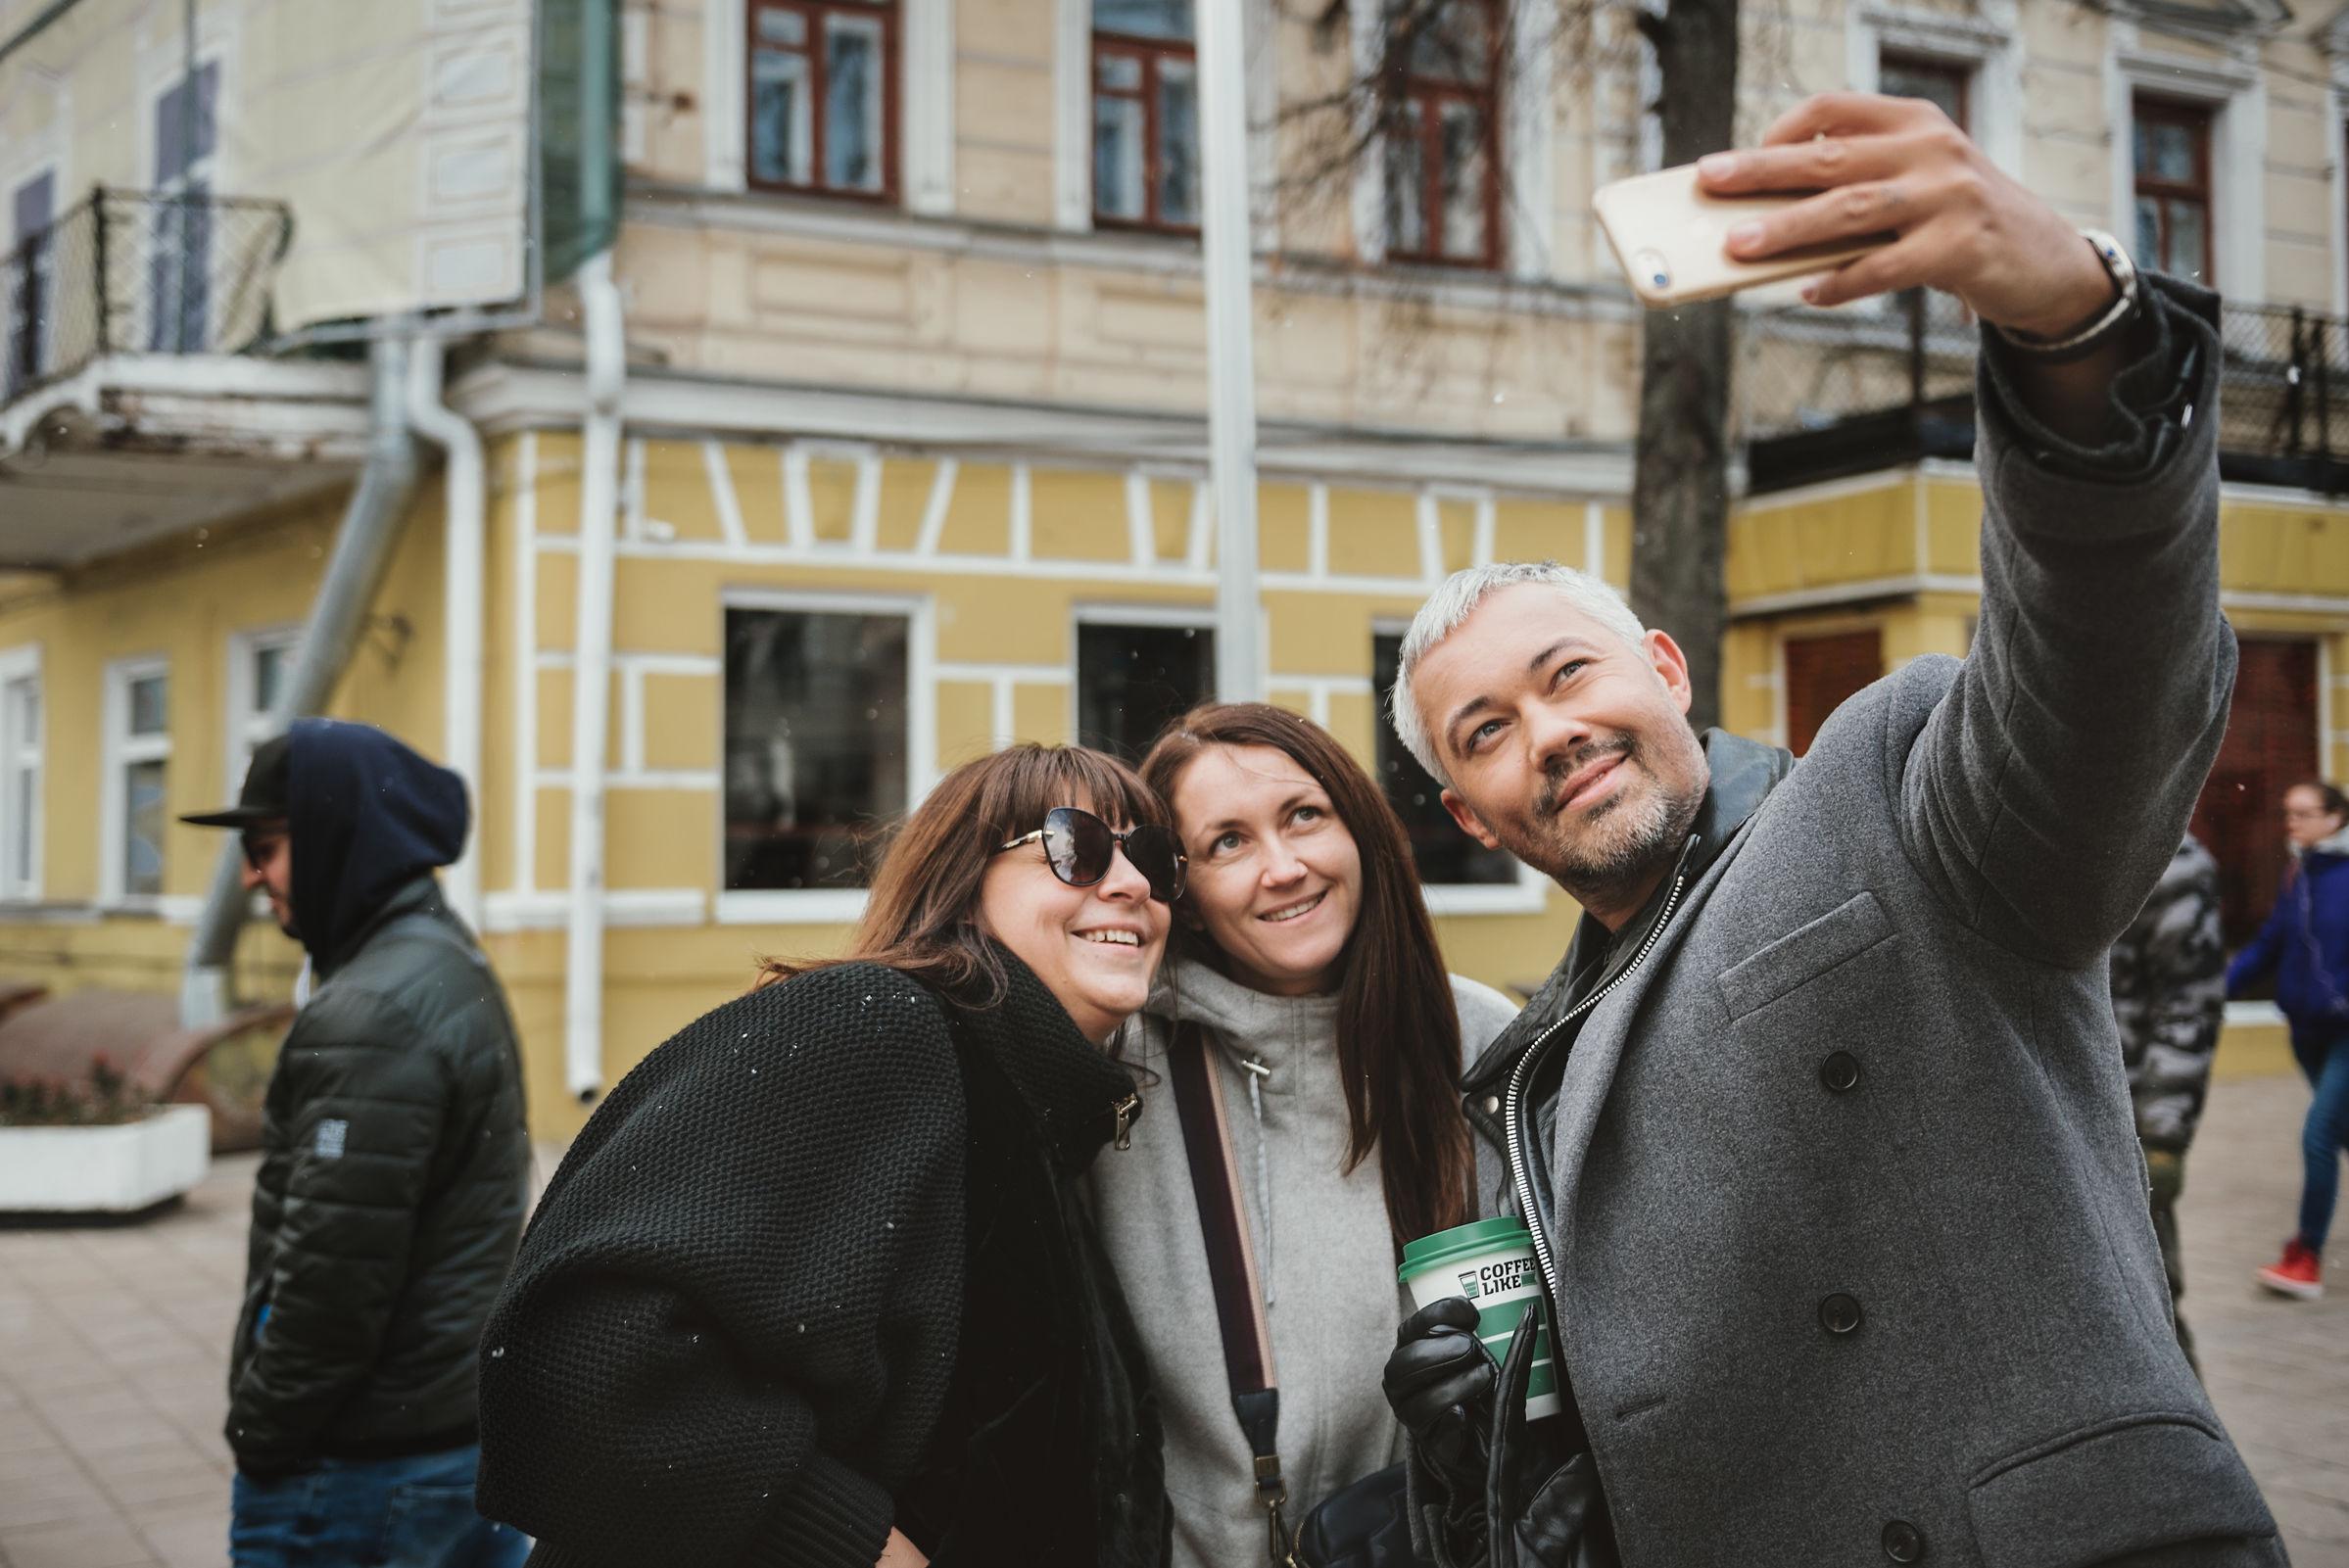 Известный стилист Александр Рогов публично сменит имидж ярославского железнодорожника